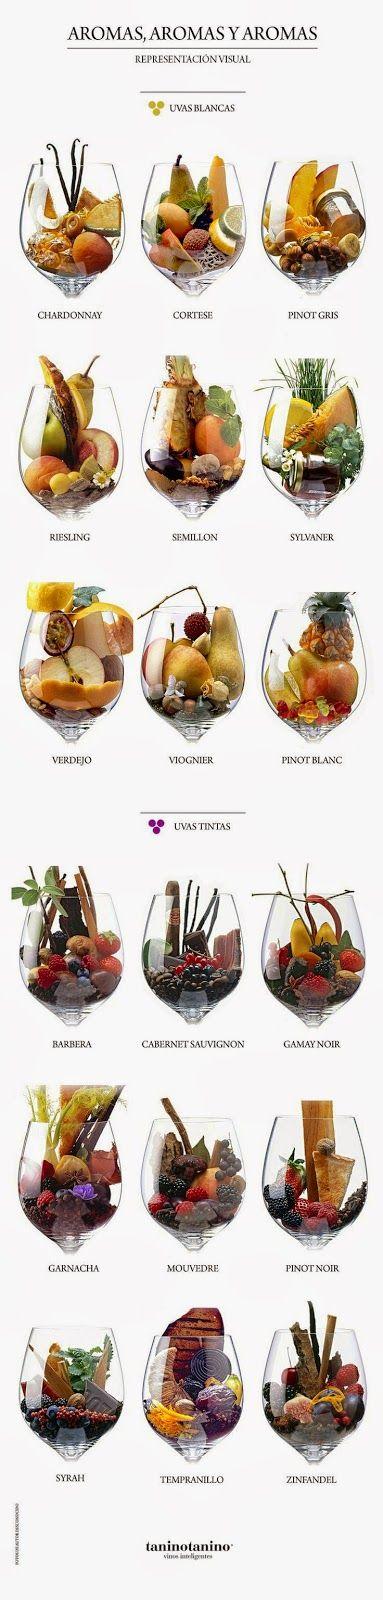 Vinho, Cerveja e Gastronomia: Rapidinhas do Vinho - Aromas